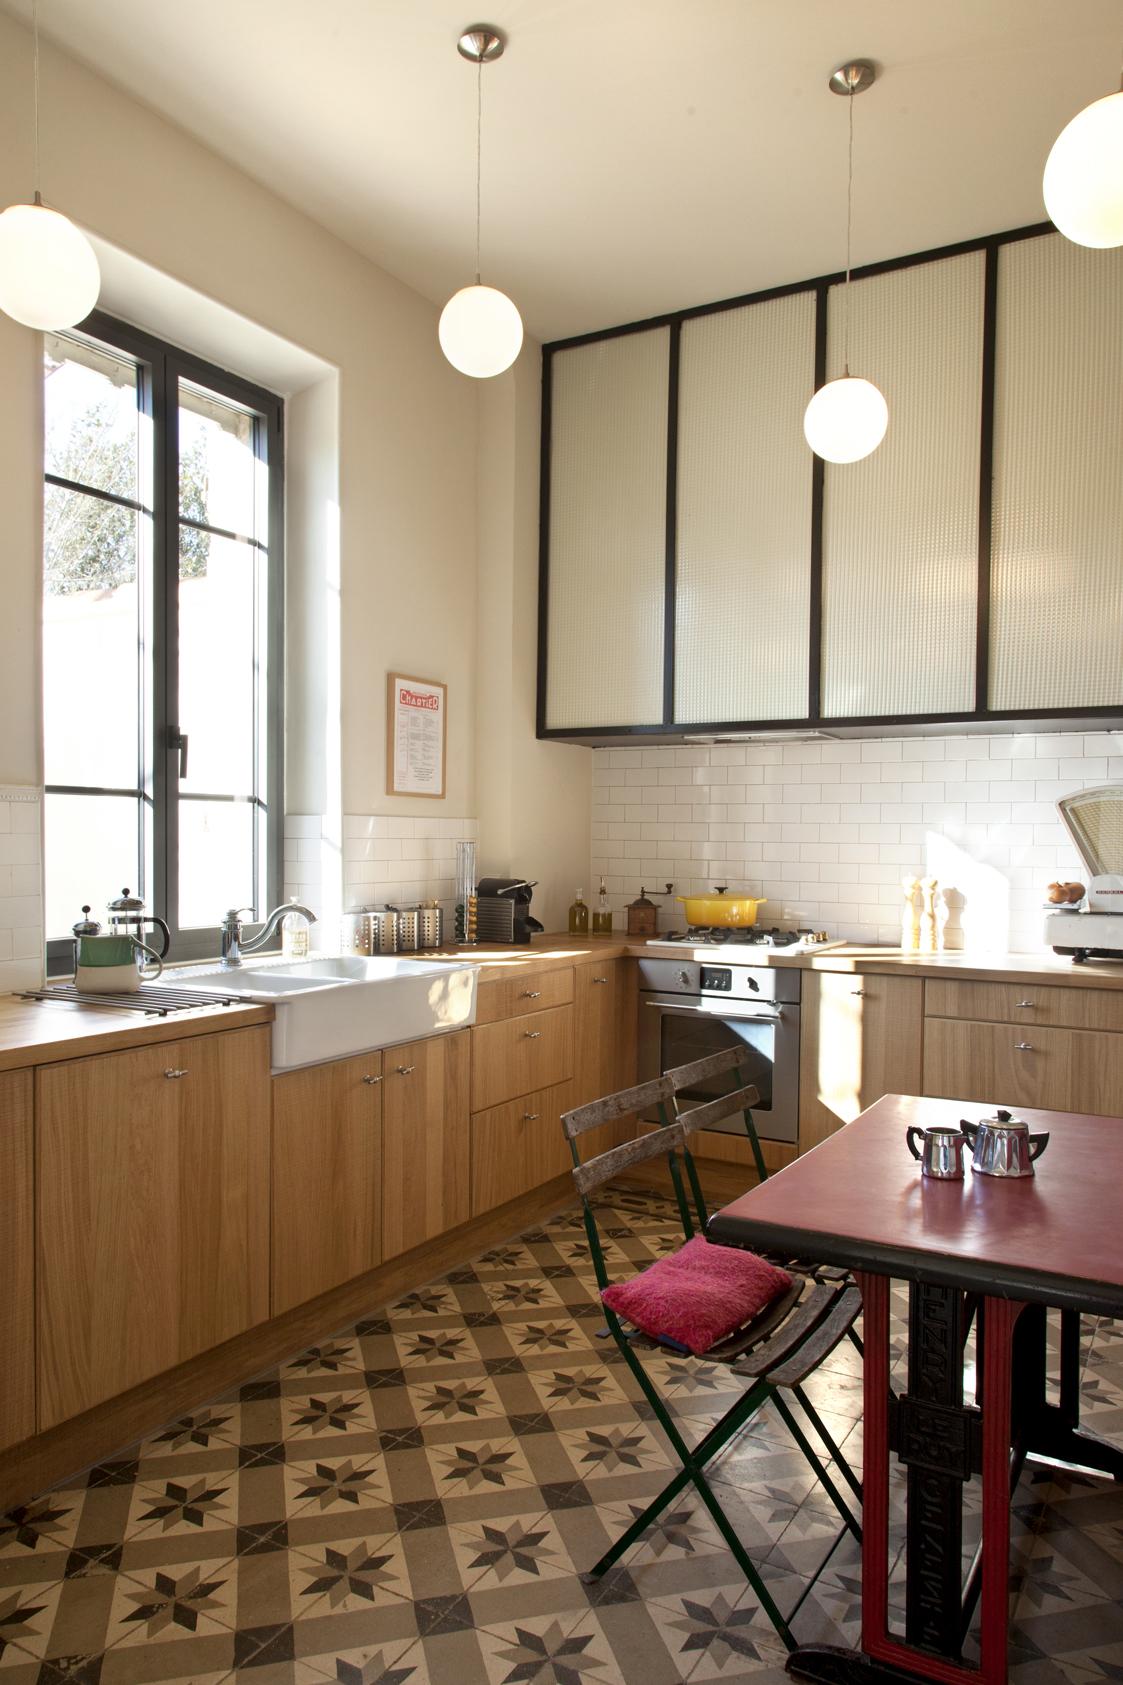 Claire plouzennec chamboisse r novation d 39 une cuisine for Deco cuisine 1900